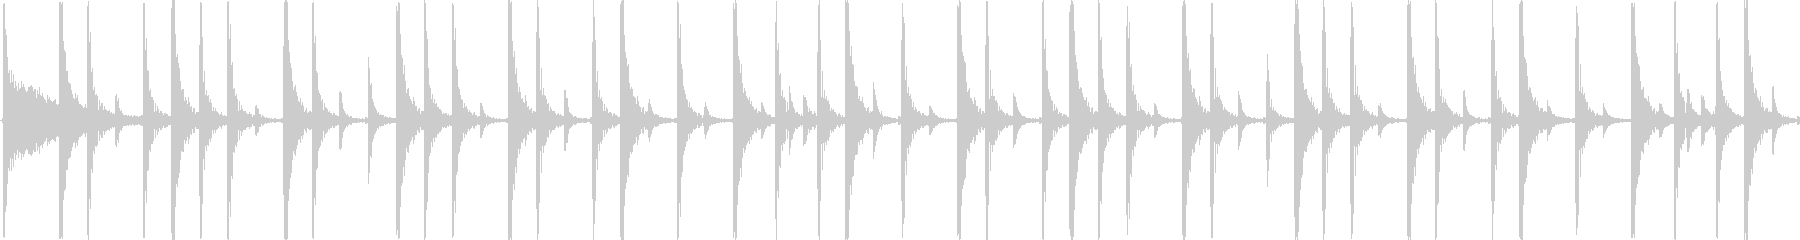 ロックのドラムをイメージした楽曲です。の未再生の波形